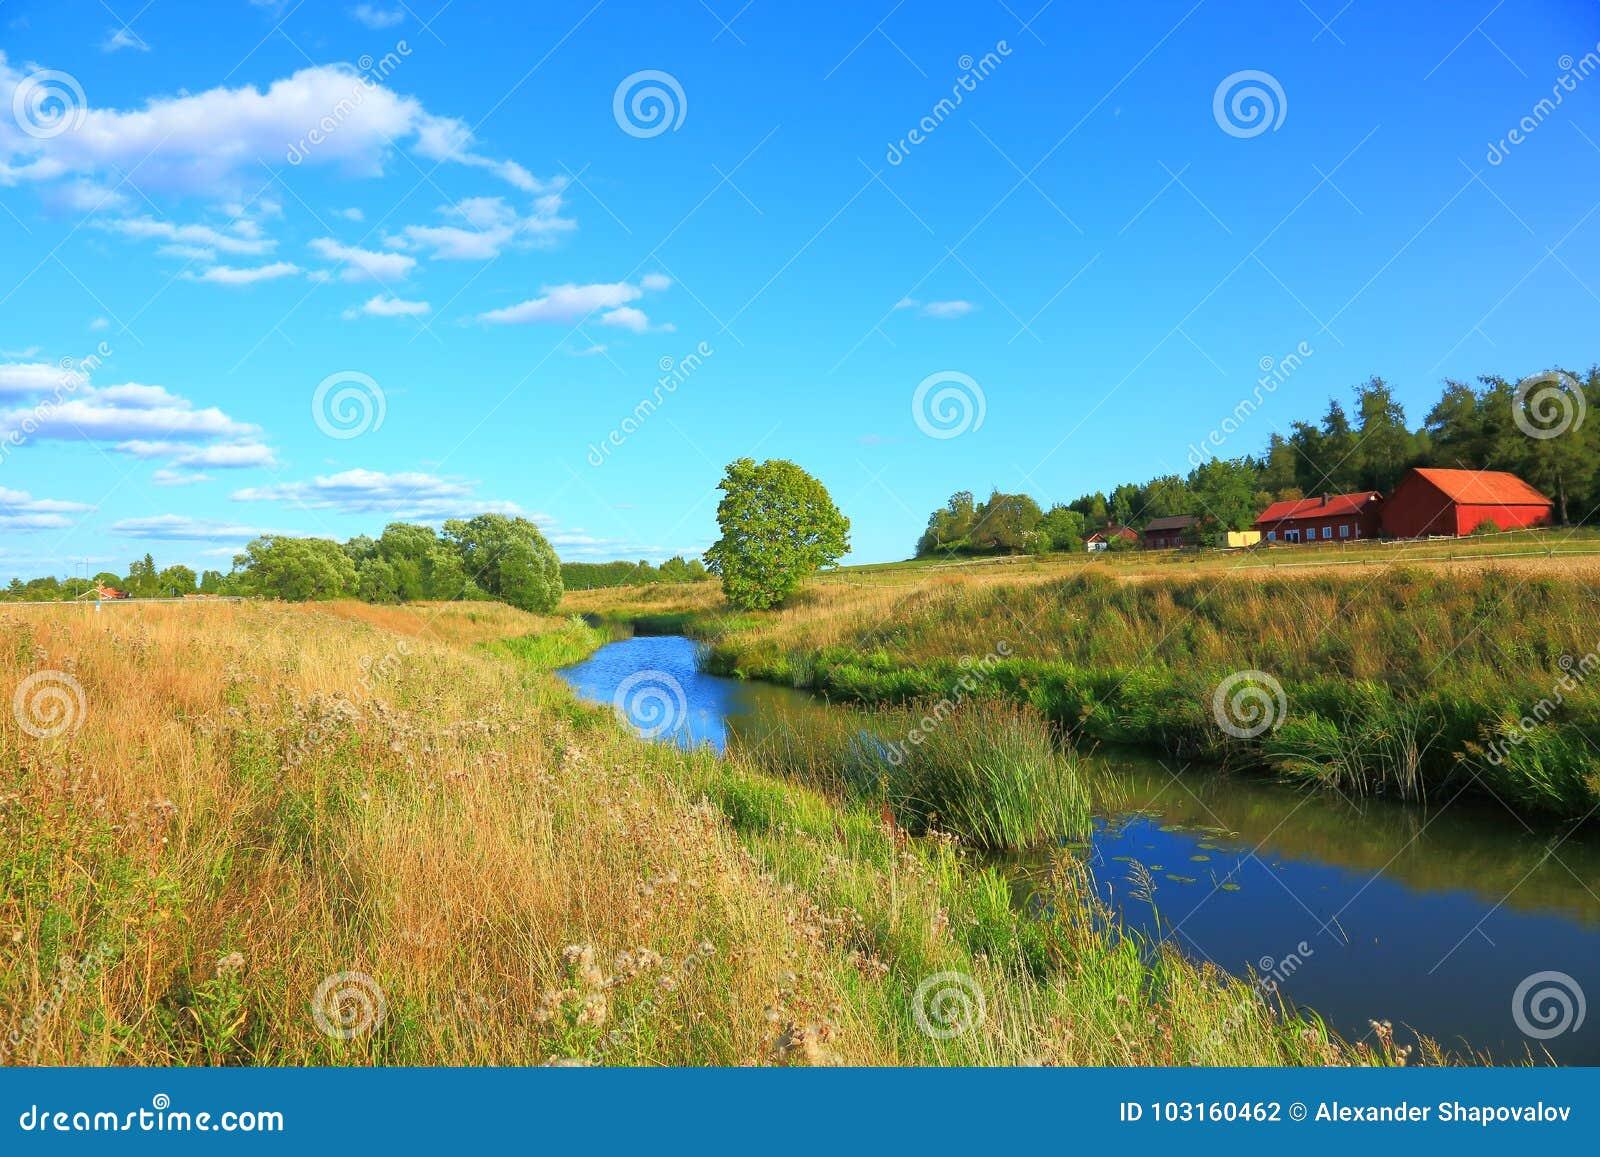 Natura krajobraz z widokiem małej rzeki